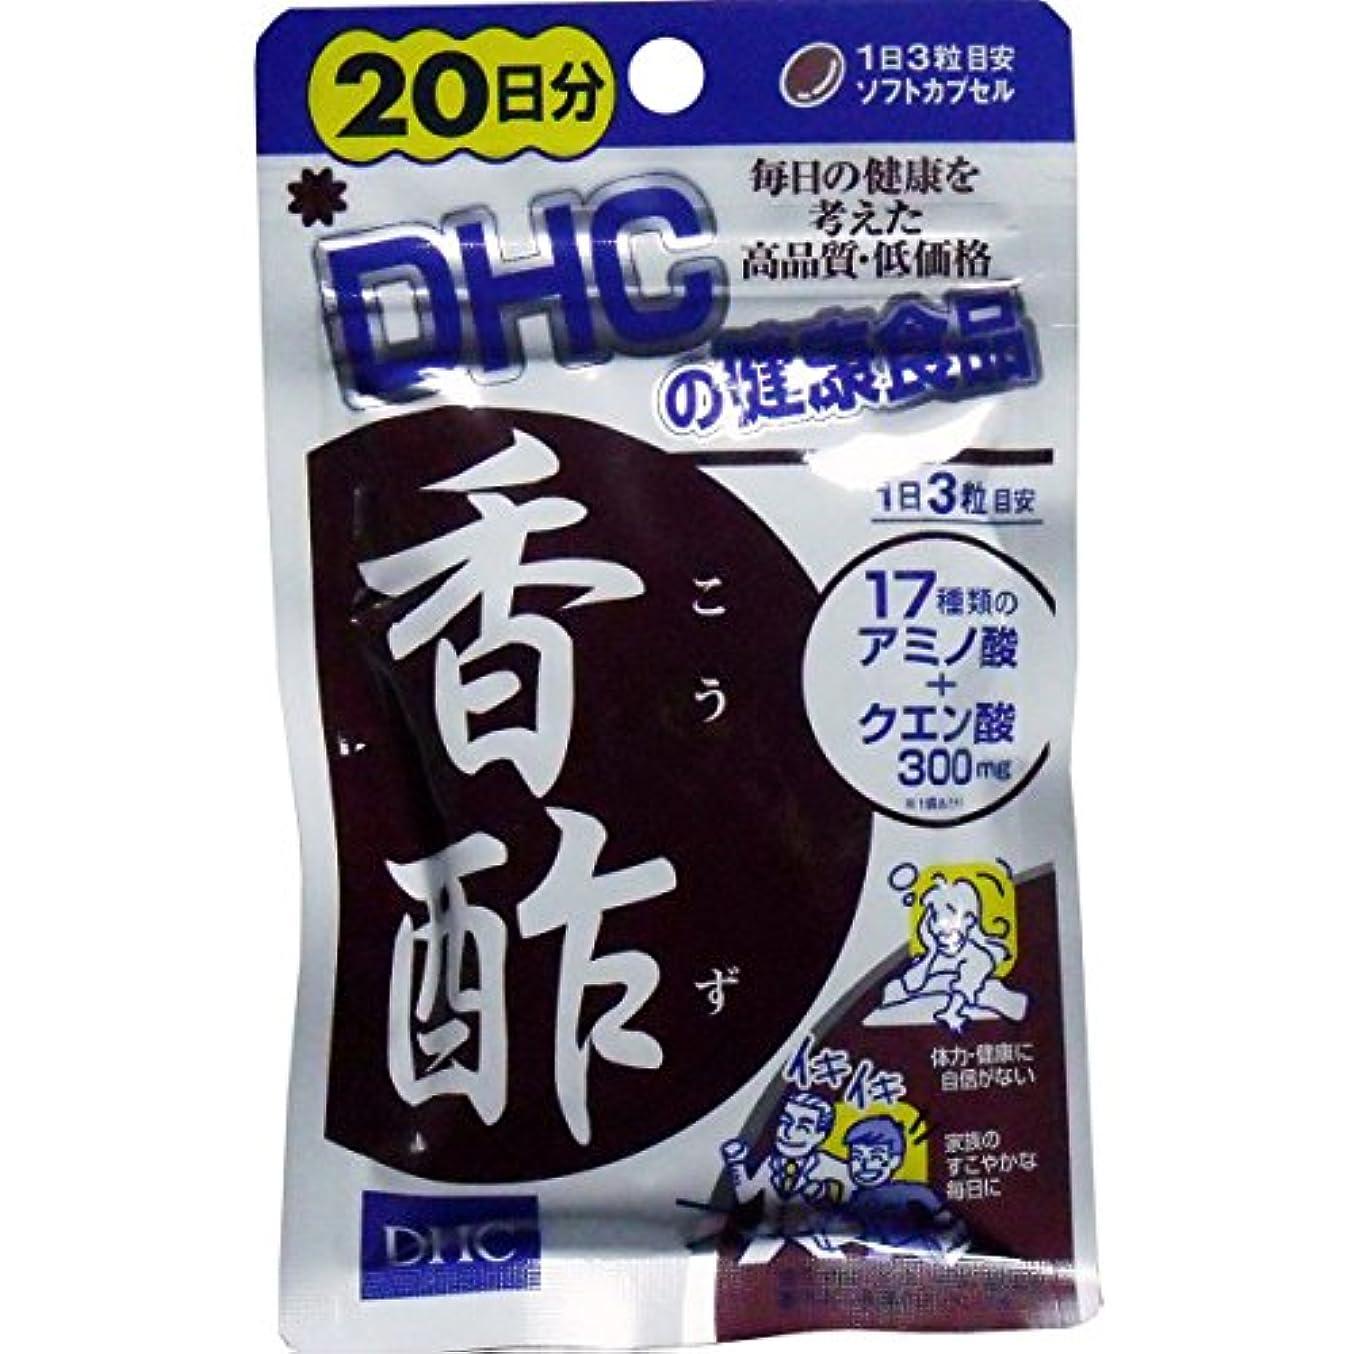 DHC サプリメント 香酢 60粒